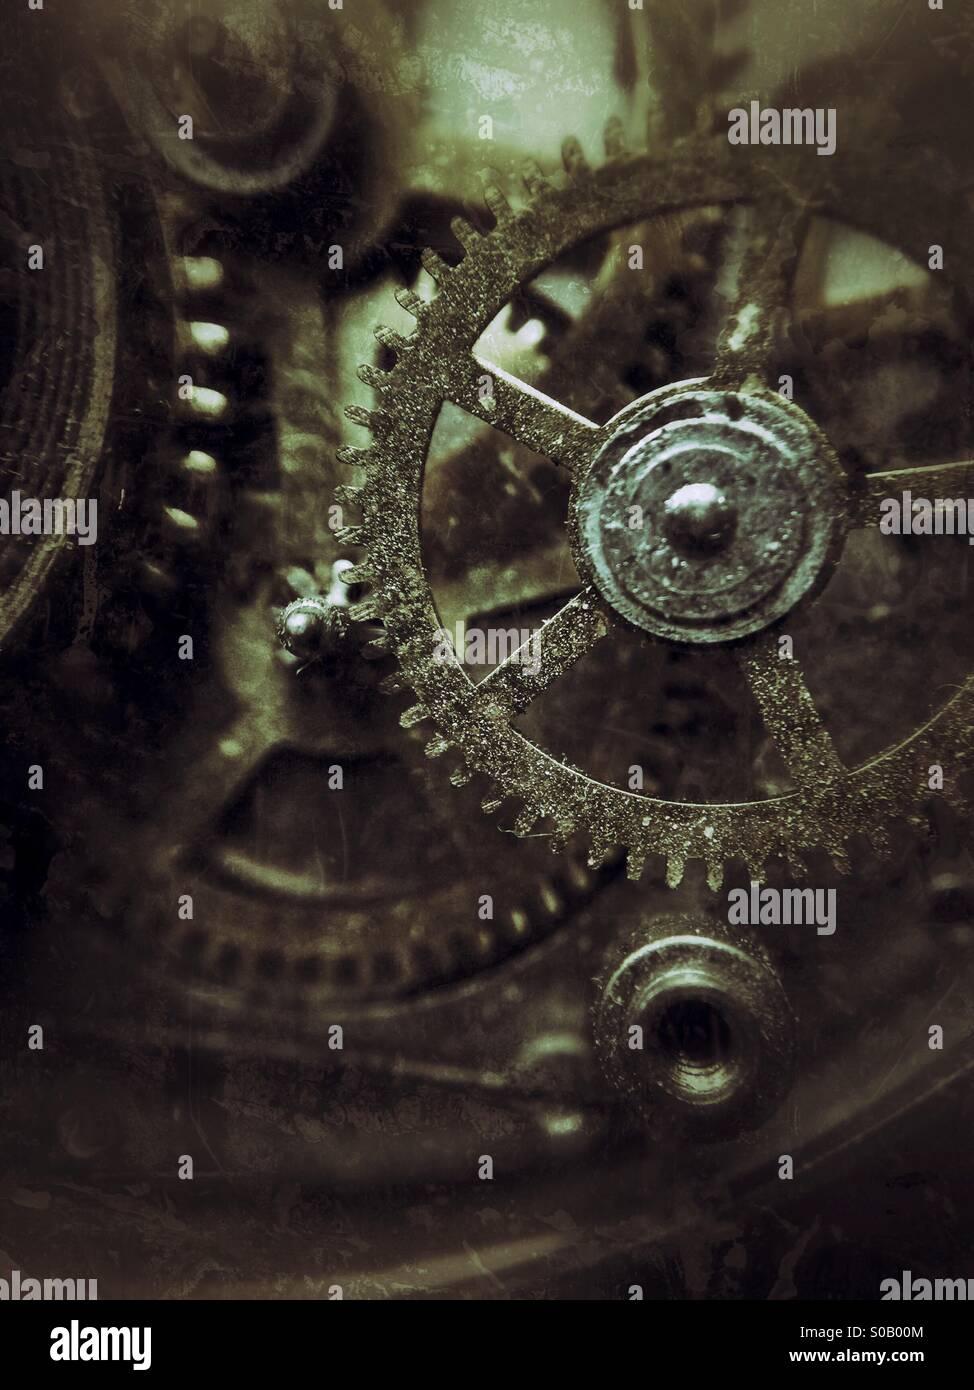 Makro-Bild der Tasche Uhrenteile. Stockbild